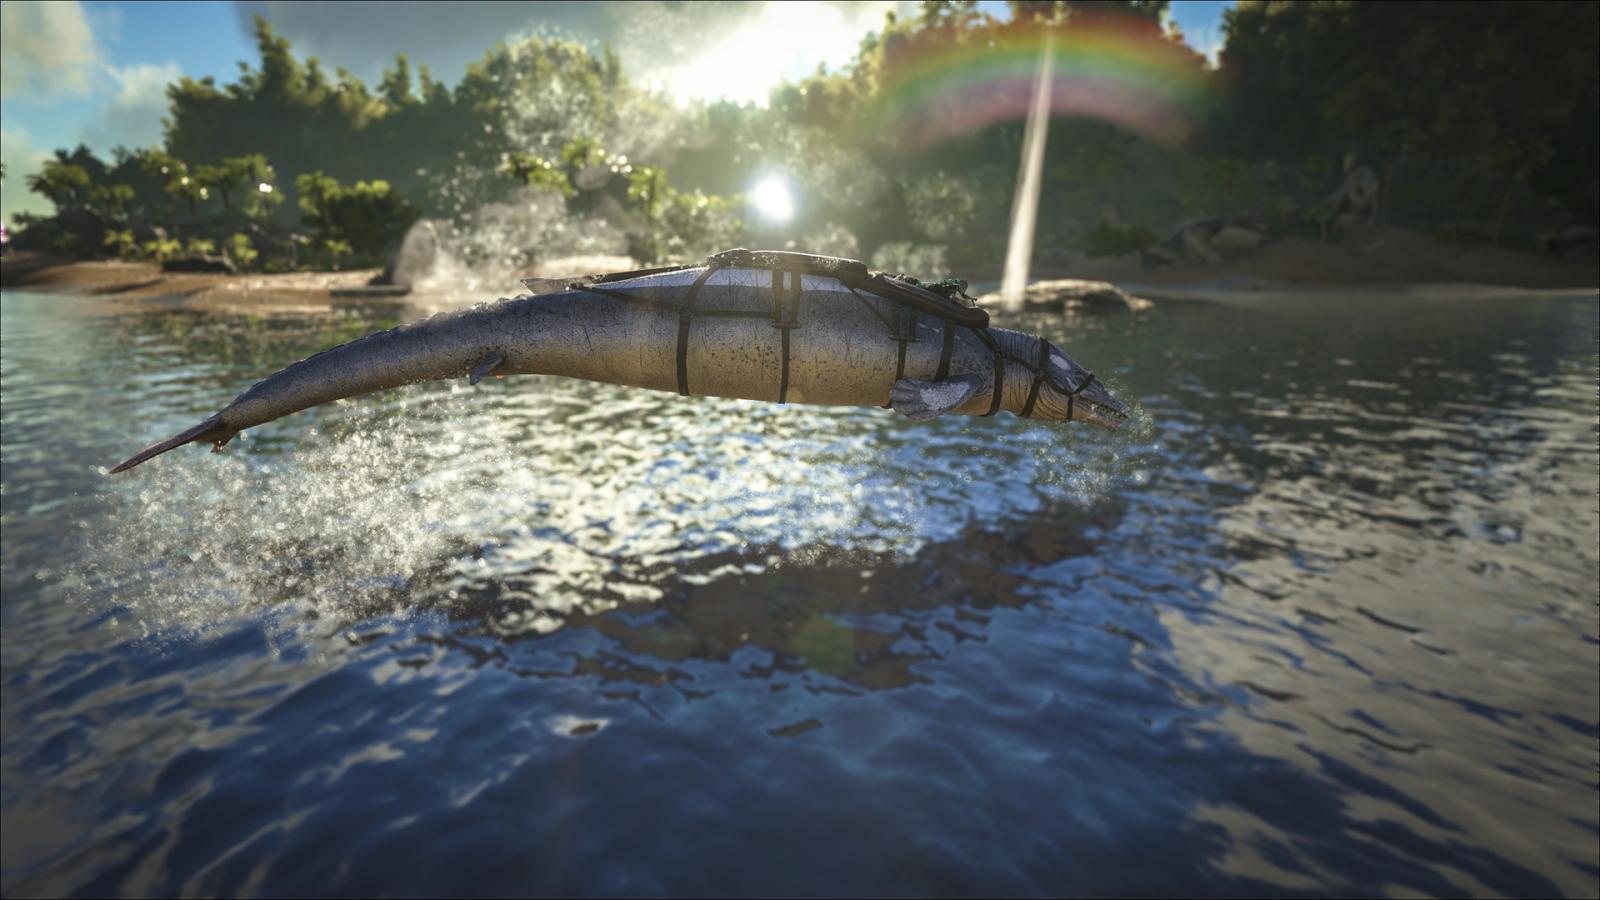 Basilosasurus